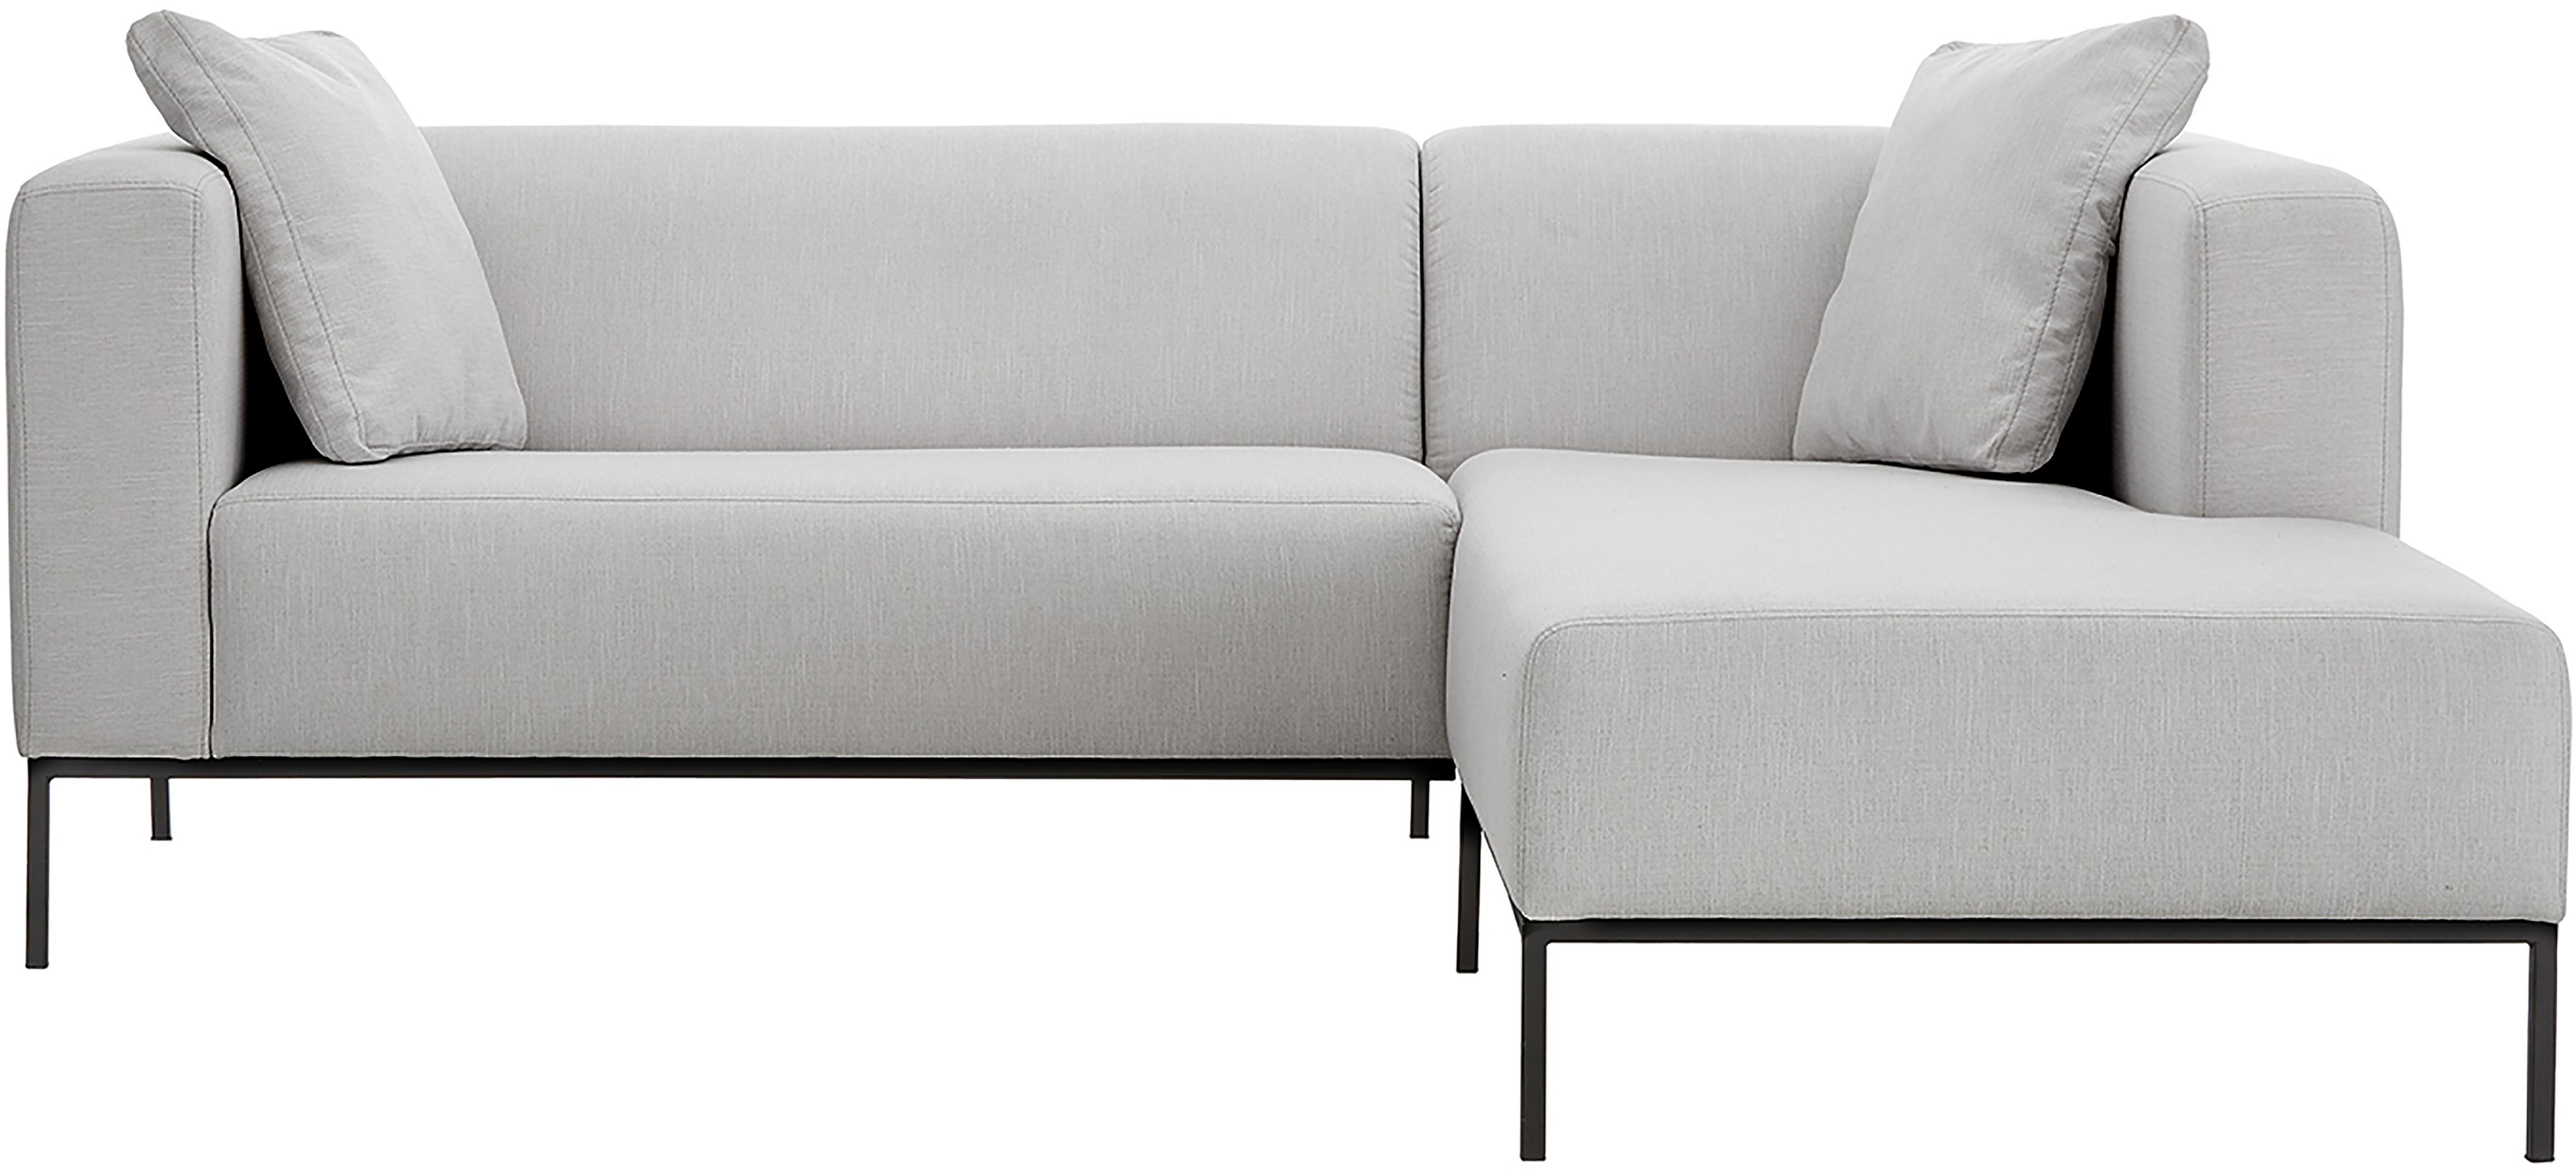 Ecksofa Carrie, Bezug: Polyester 50.000 Scheuert, Gestell: Spanholz, Hartfaserplatte, Webstoff Grau, B 222 x T 180 cm